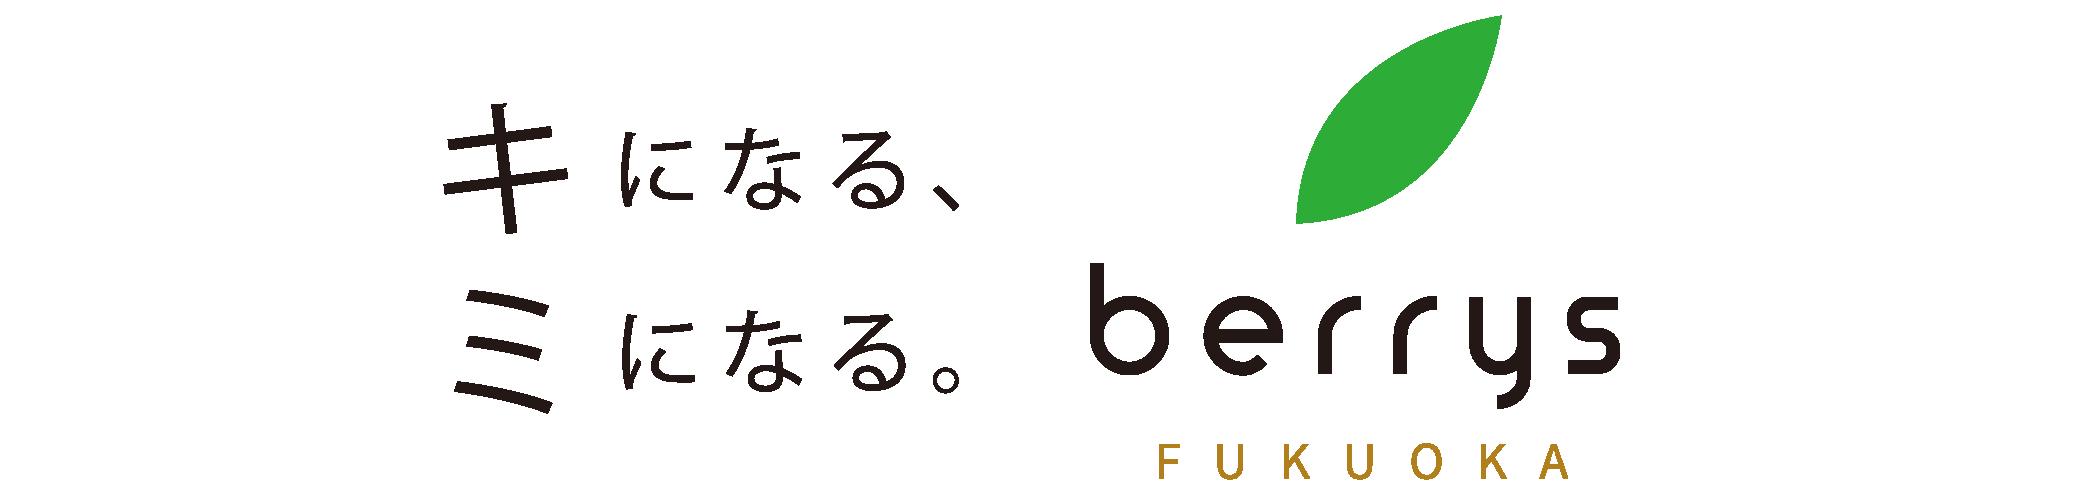 ベリーズ株式会社